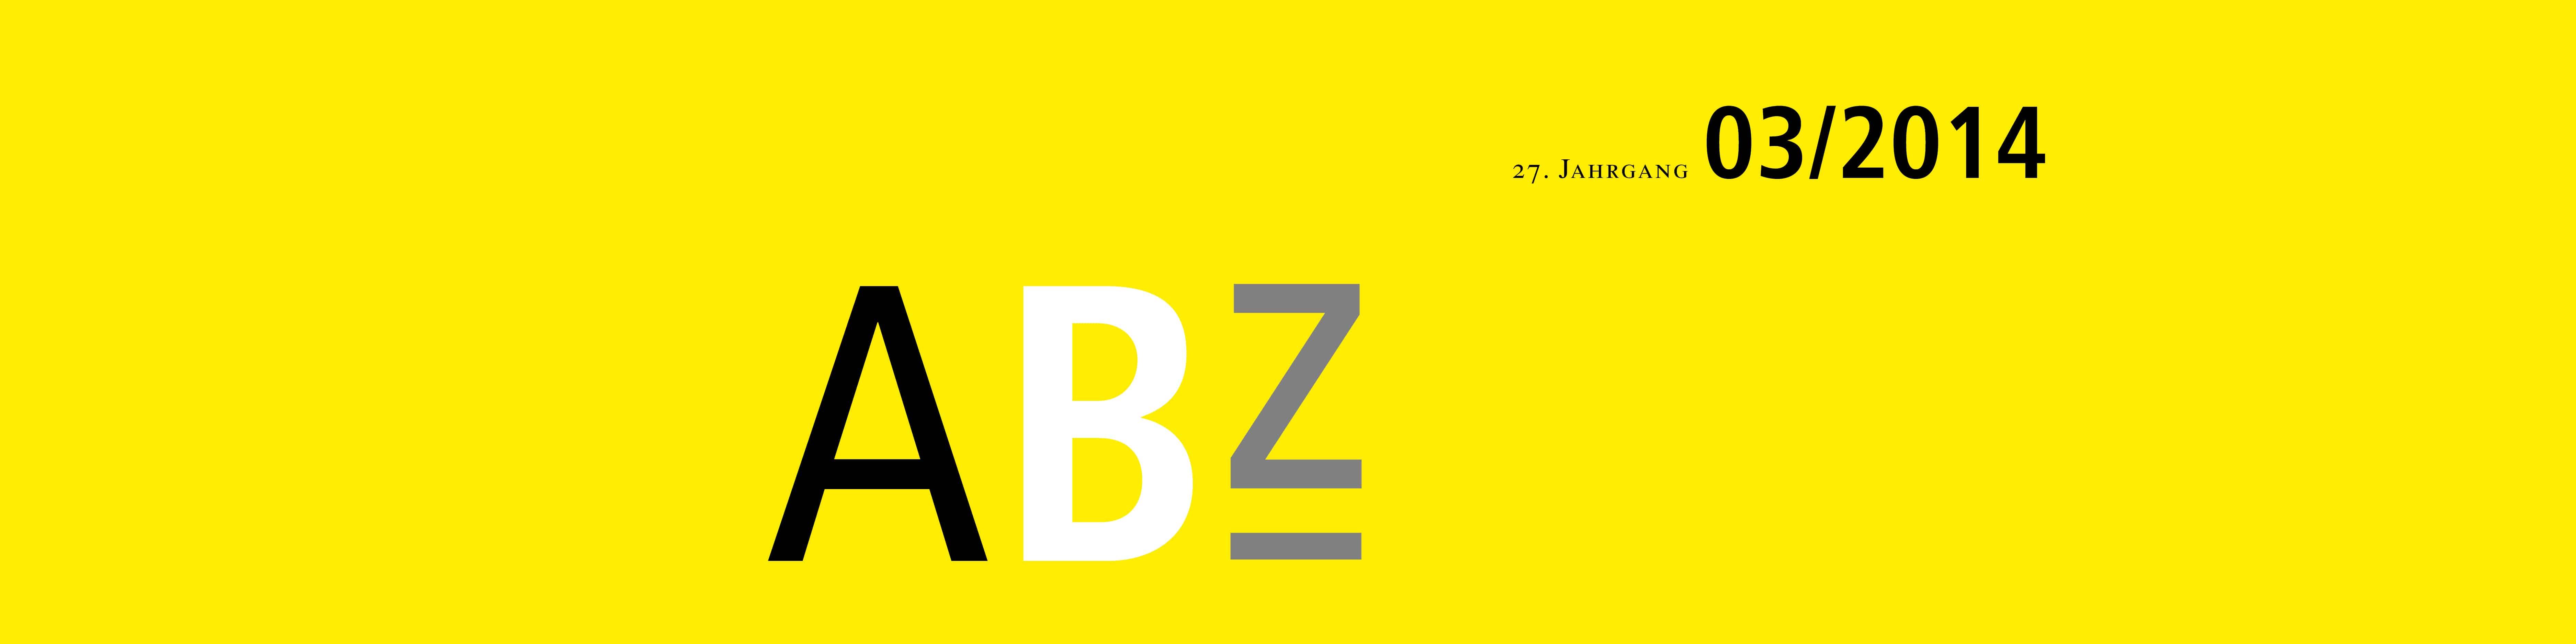 ABZ TANNER Zeitschrift Header 03/2014